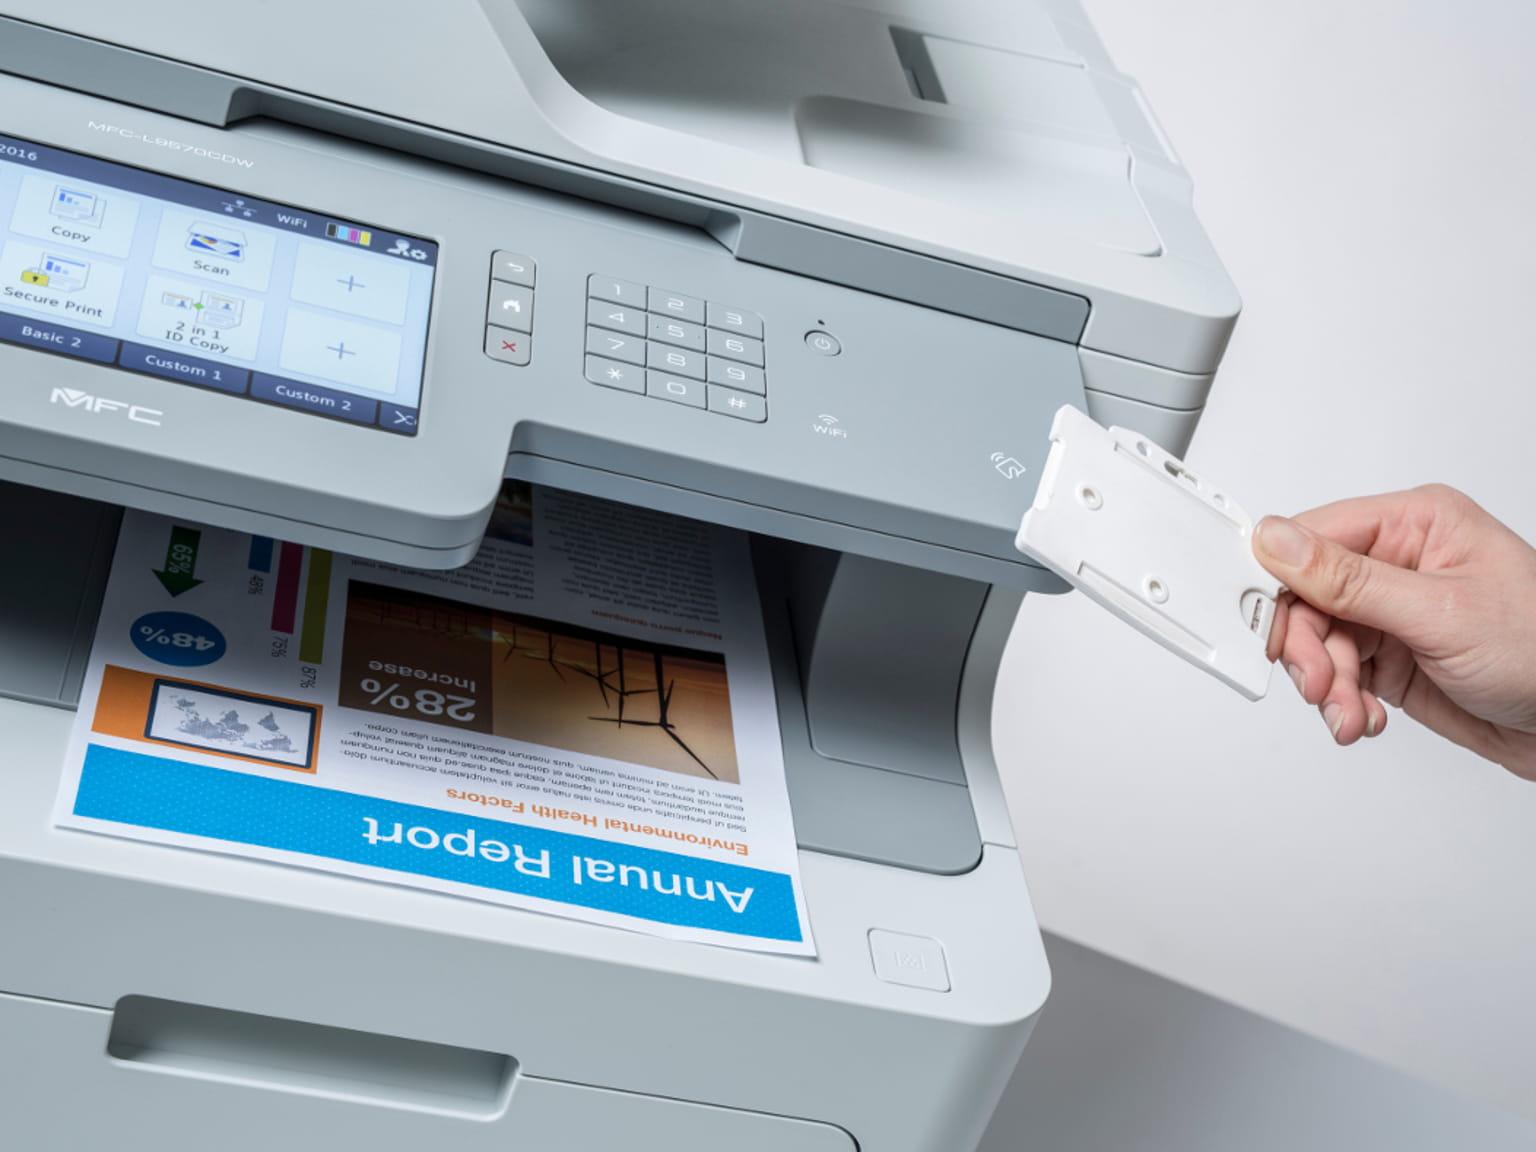 Impresora láser MFC-L9570CDW con SecurePrint